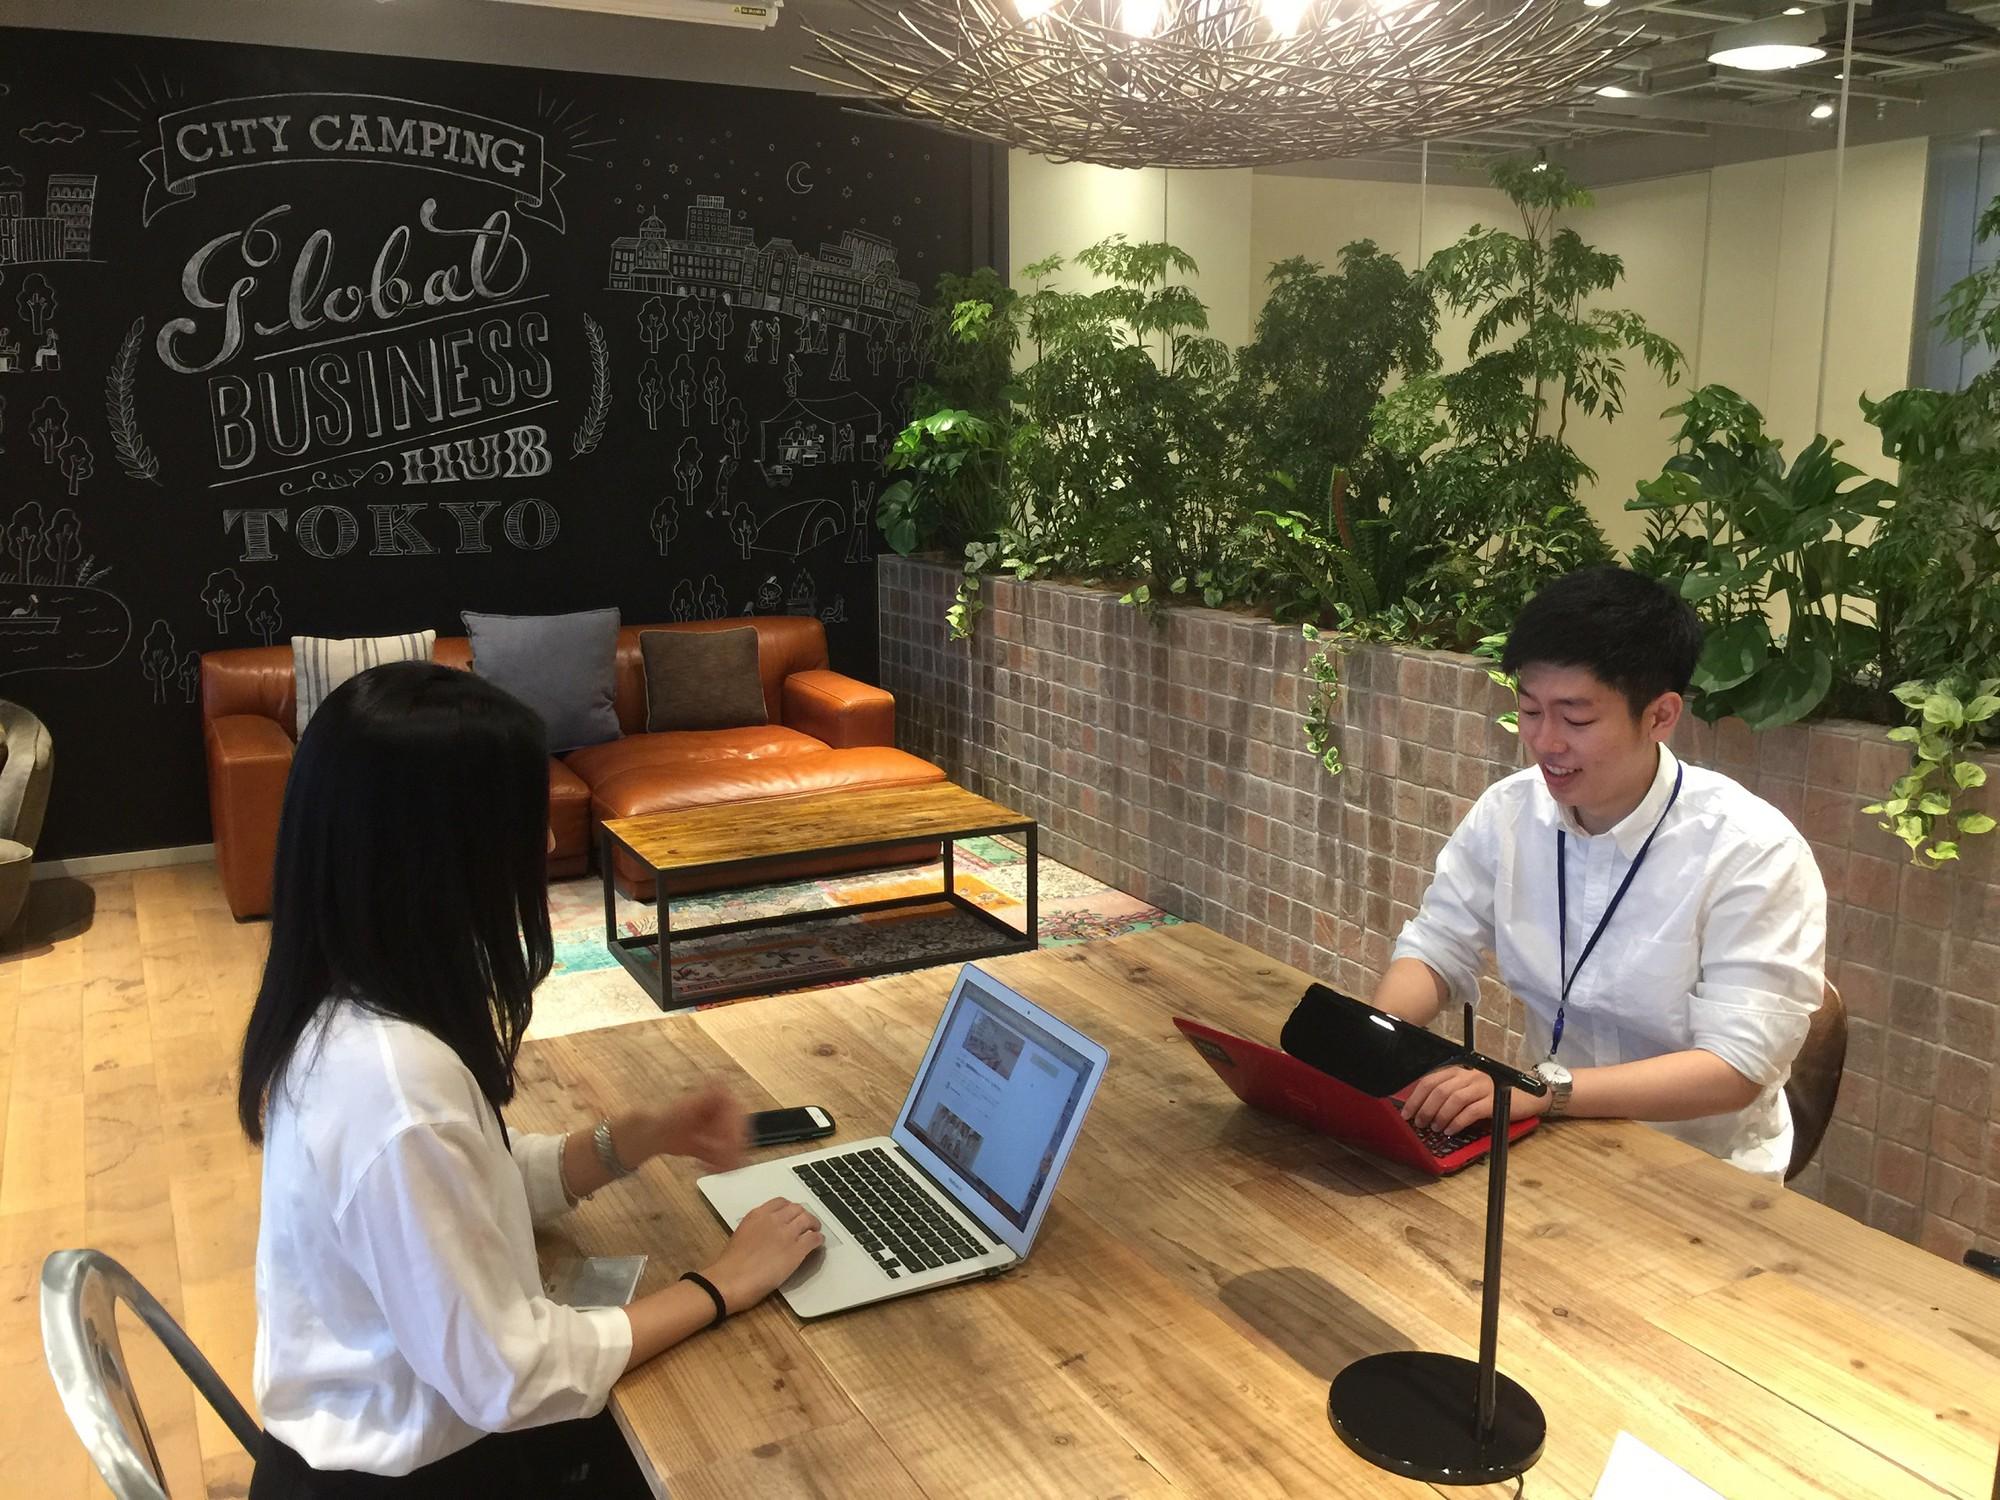 5S - triết lý đơn giản của người Nhật giúp môi trường làm việc thoải mái, hội chị em công sở cần học hỏi ngay - Ảnh 3.